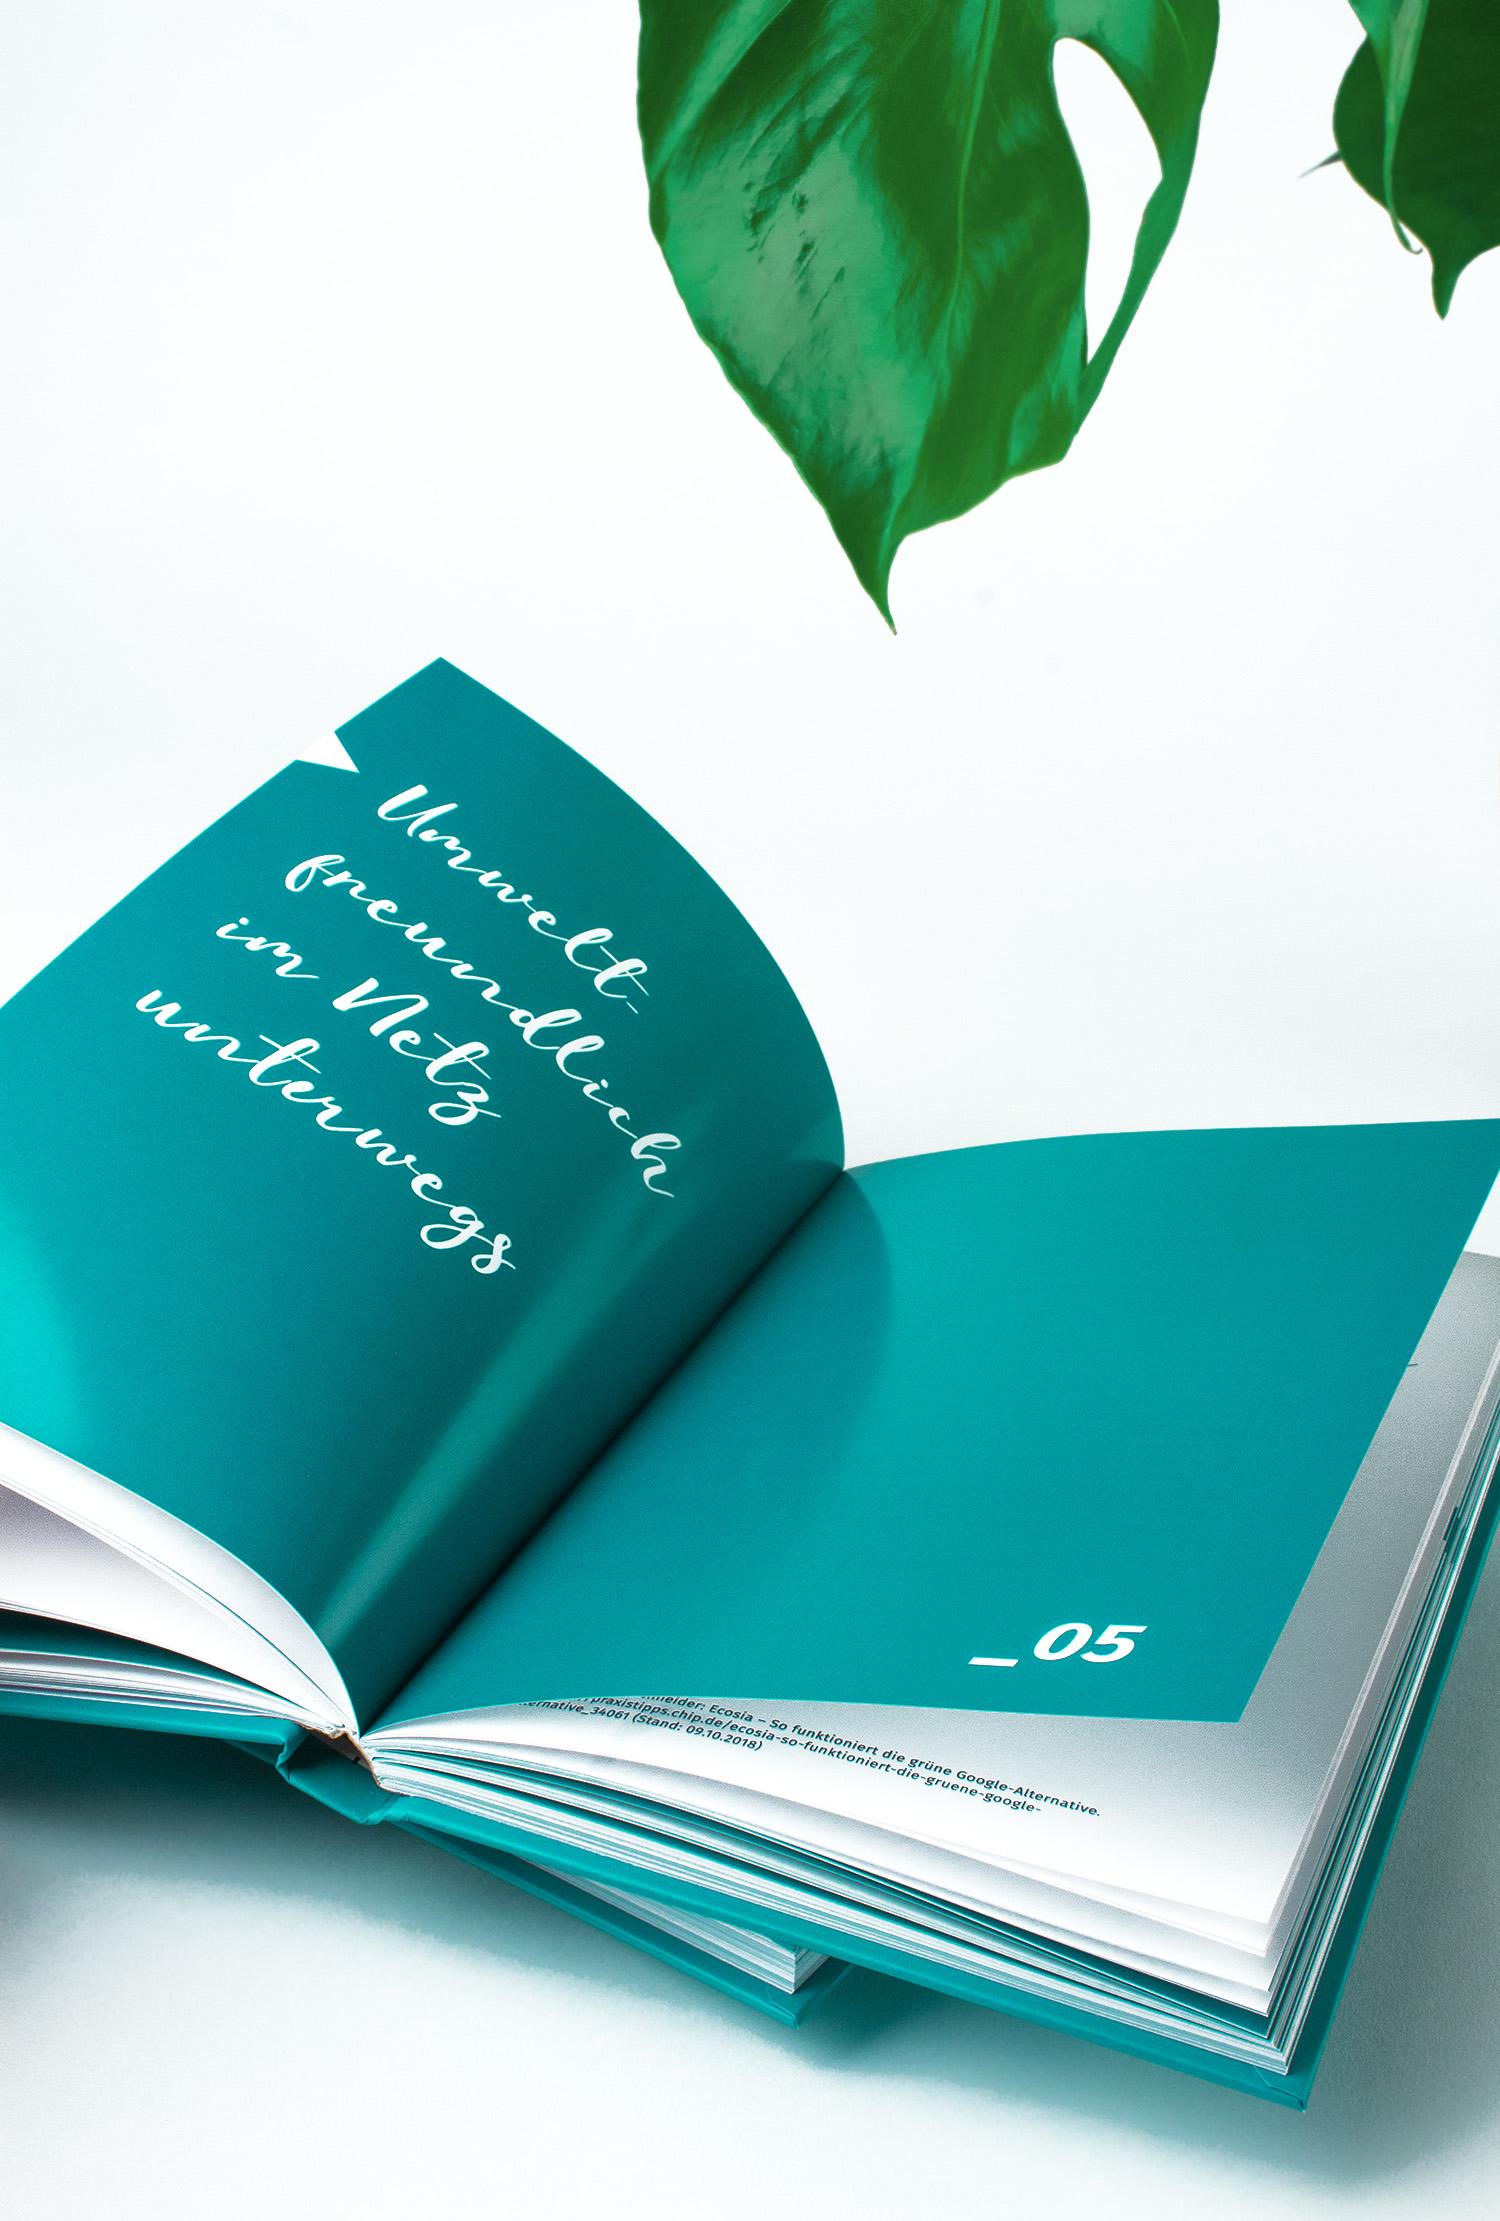 Nachhaltig-leicht_Im-Netz-unterwegs_Justinvanwickeren_design